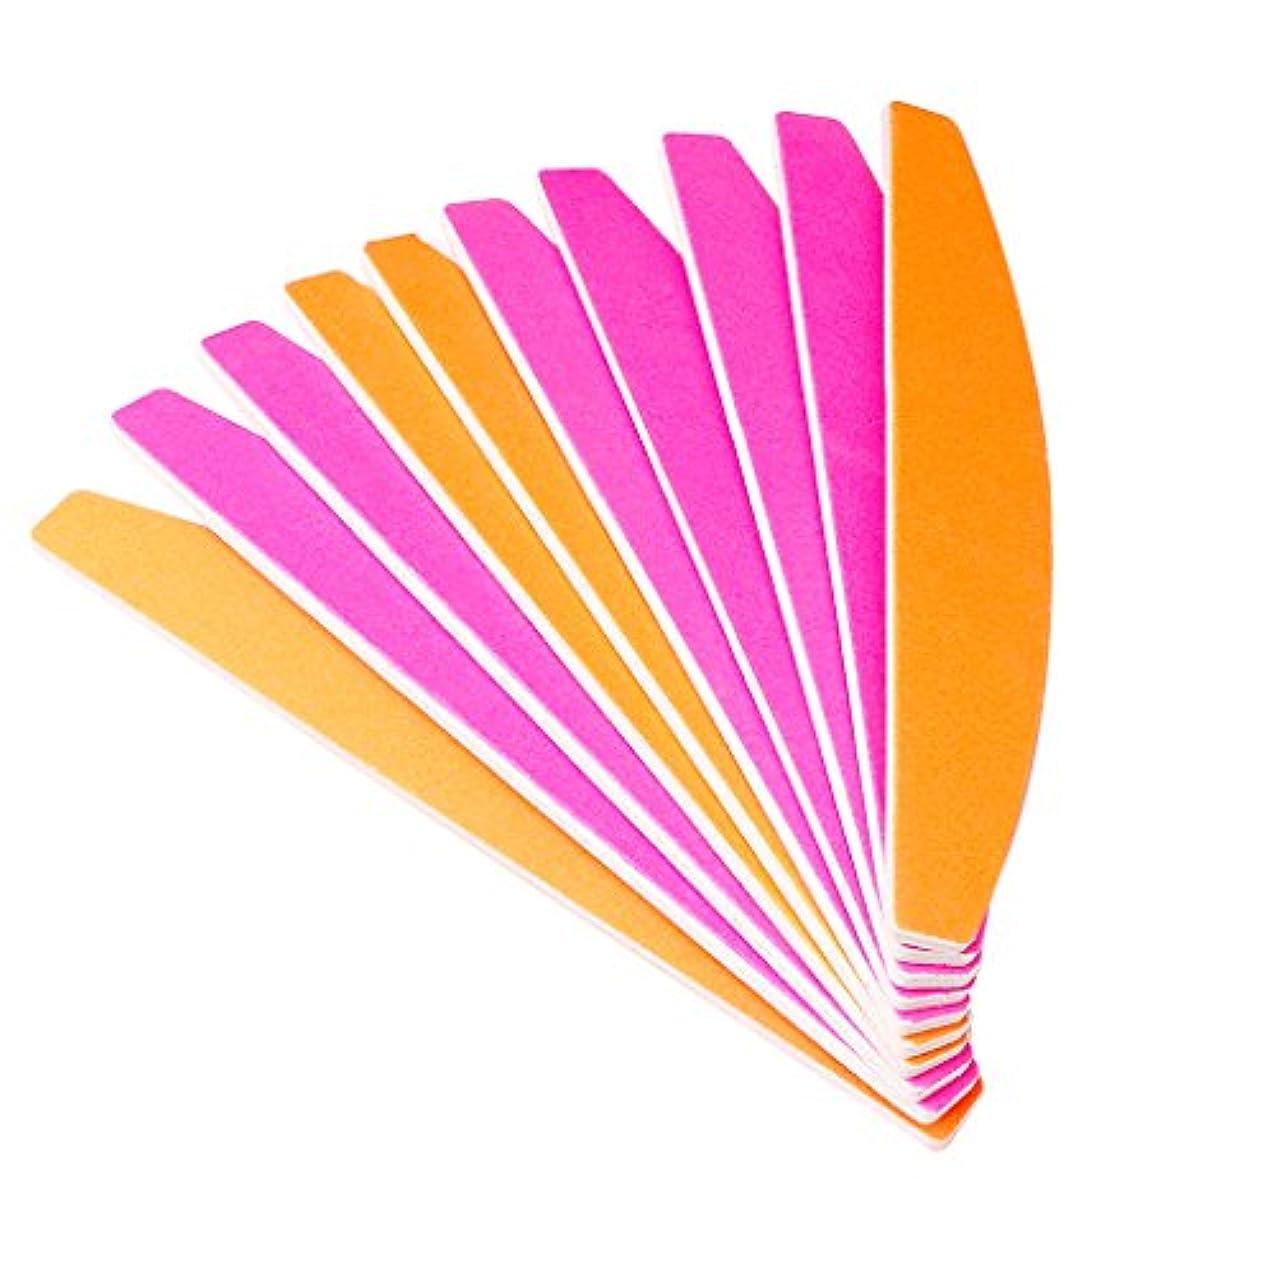 かろうじてはい南ジャッキーハーフムーン型蛍光砂バー(変色)ポータブルネイルアートサンディングファイルバッファーブロックマニキュアのヒントUVジェルポリッシャーツール